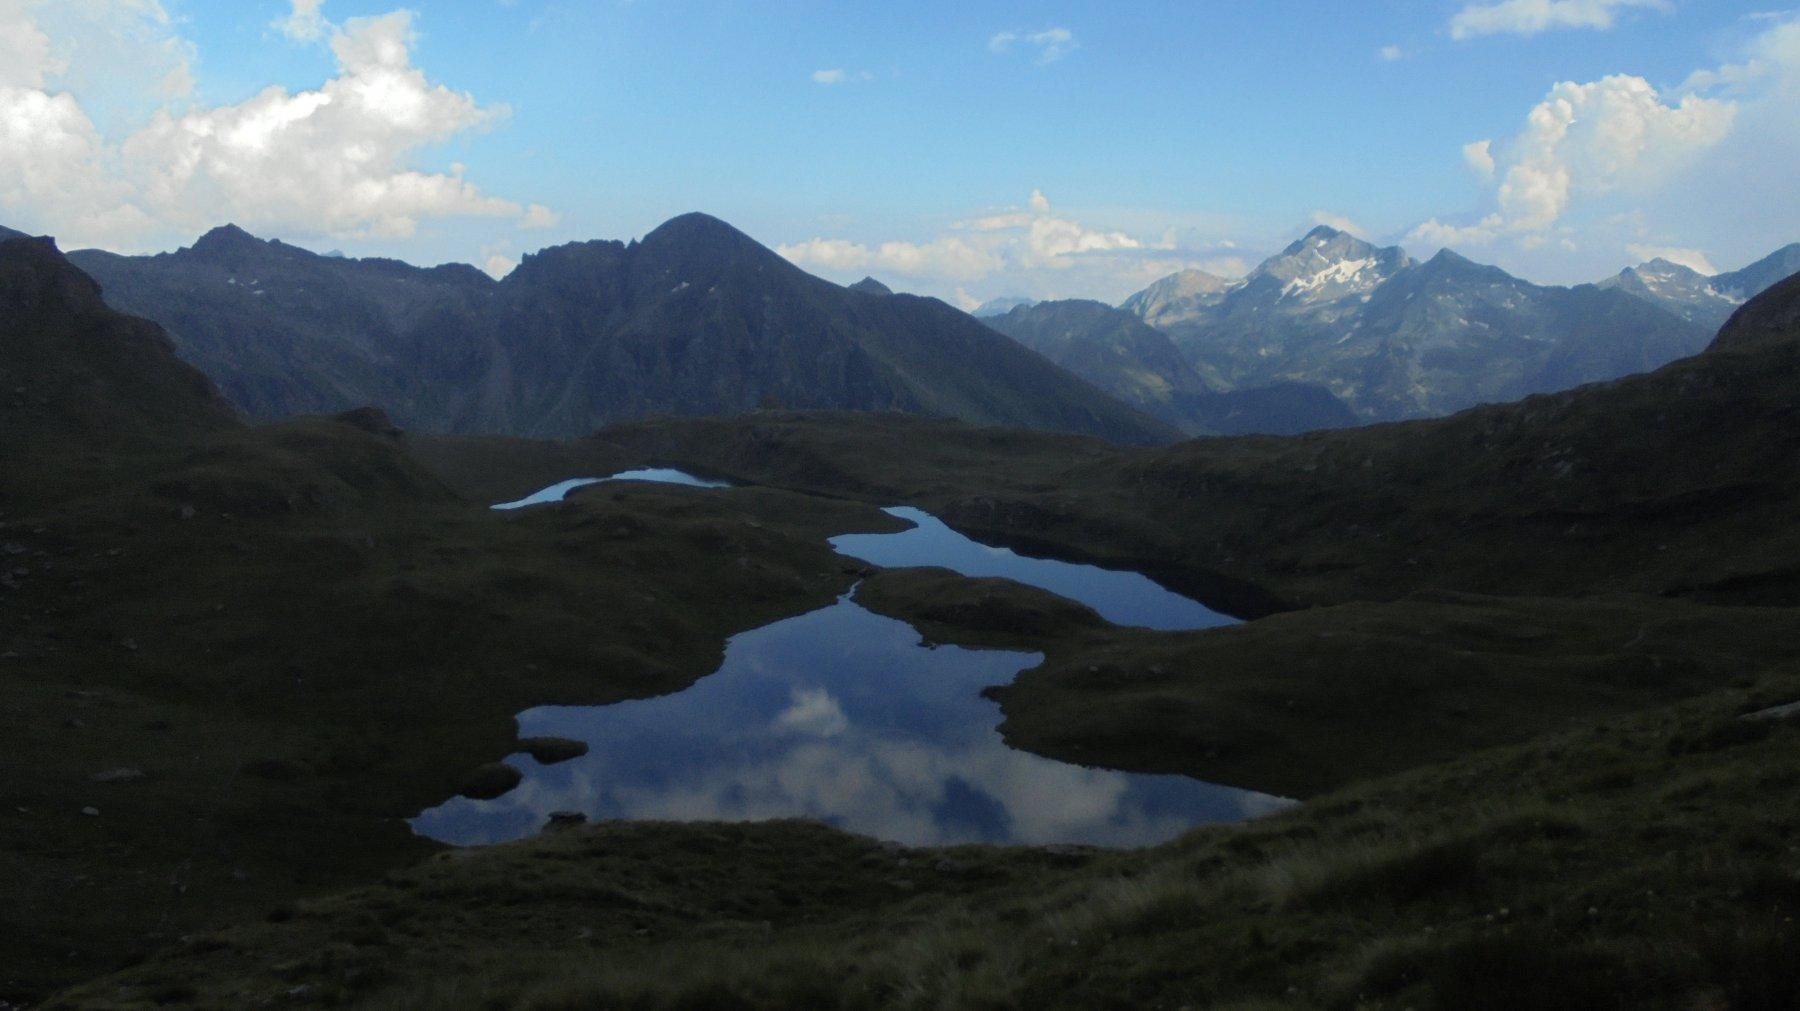 Dall'alto i laghi assumono un colore particolare